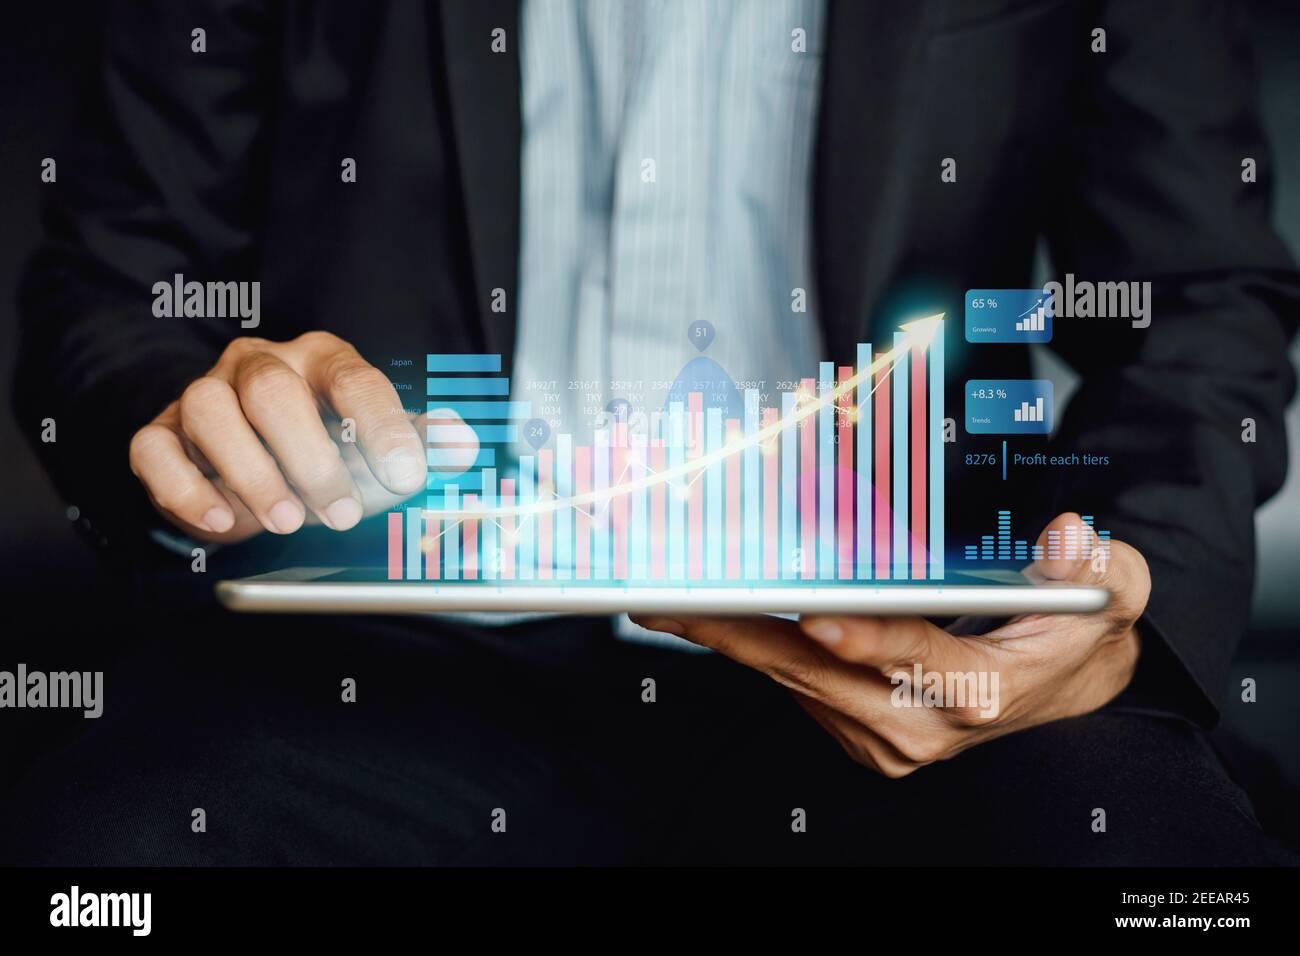 Empresario inversor analizando informe de fondo mutuo financiero de la empresa trabajando con la tecnología digital de gráficos de realidad aumentada. Foto de stock